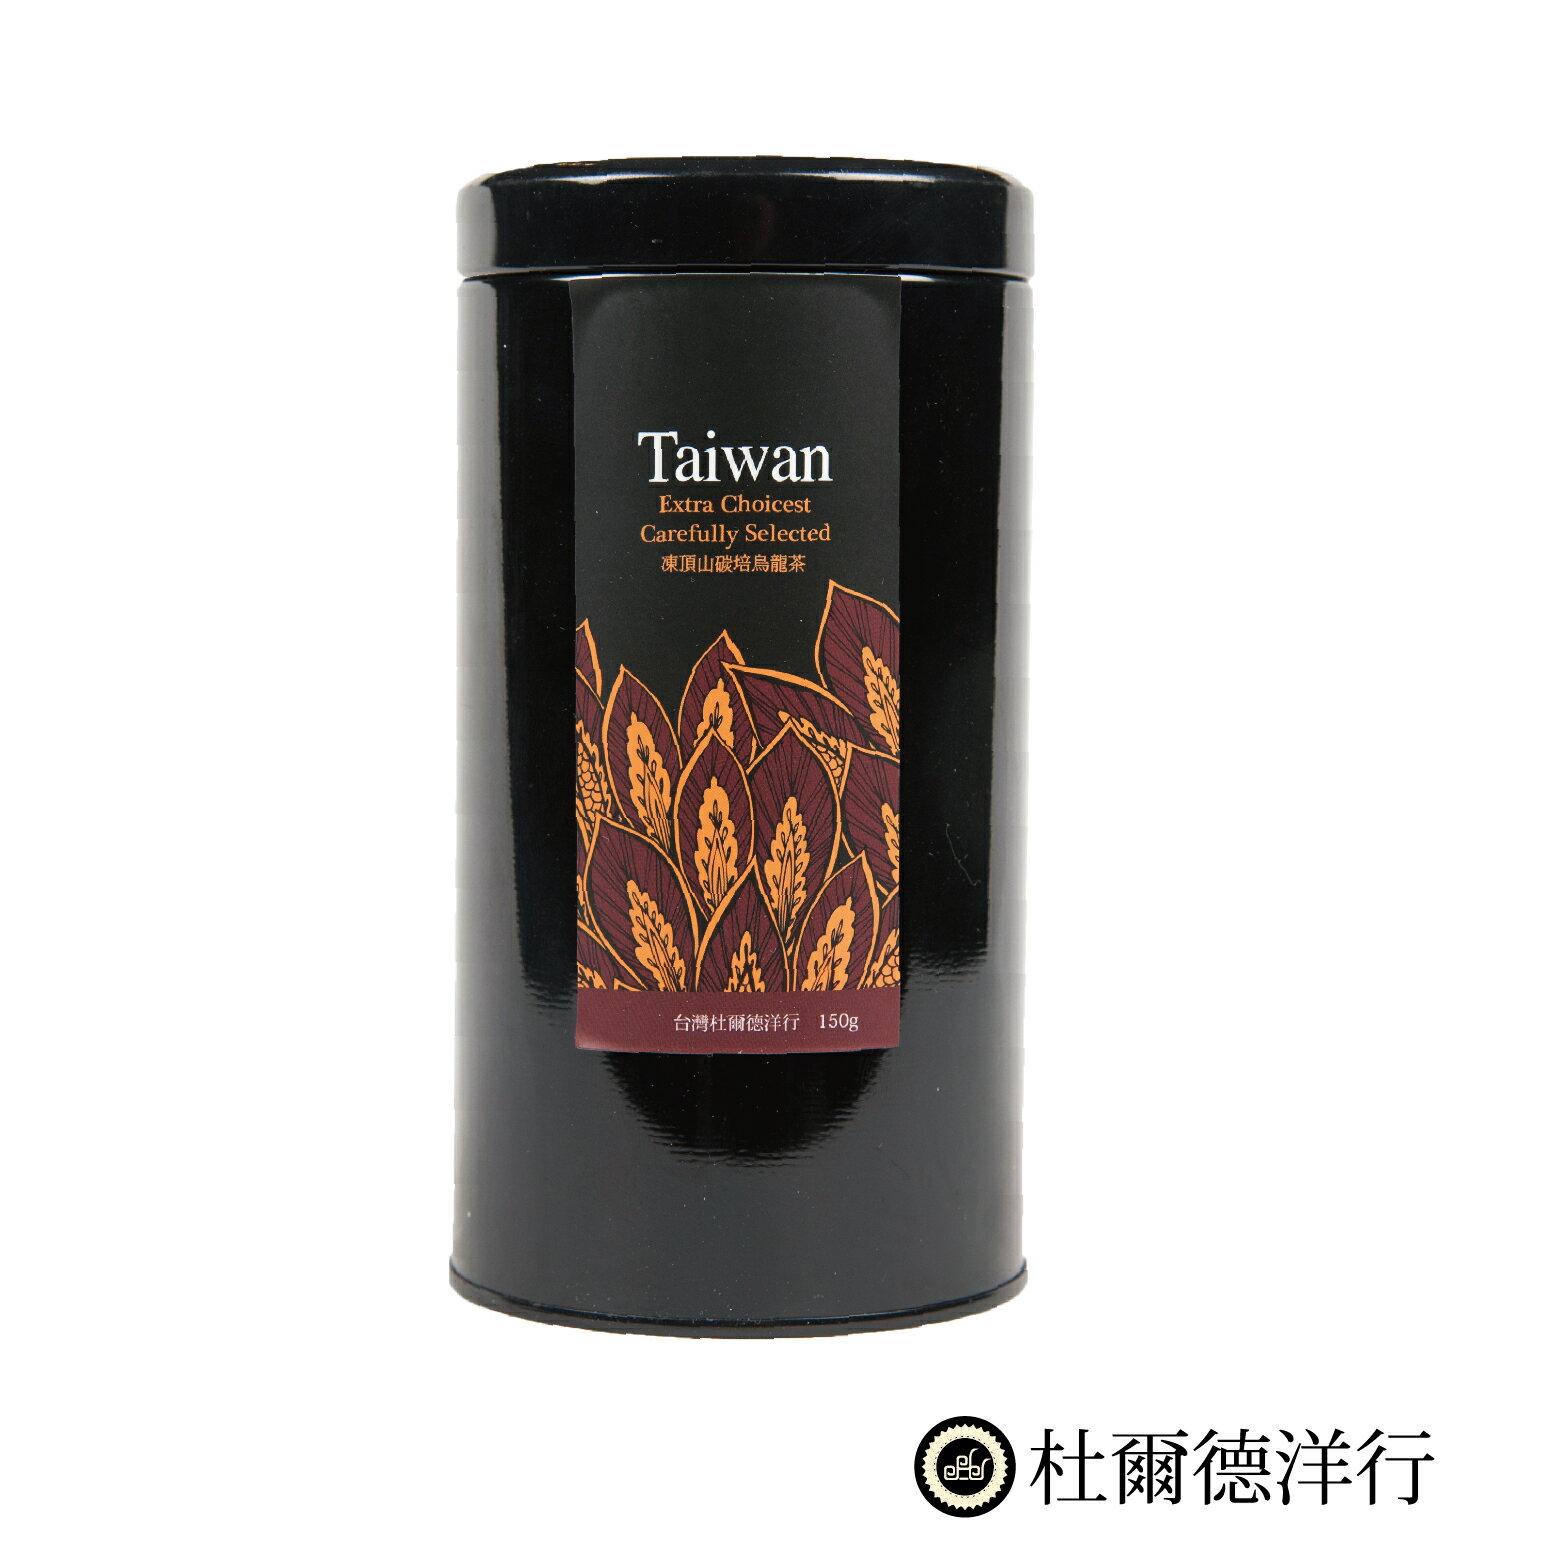 【杜爾德洋行 Dodd Tea】嚴選凍頂山碳培烏龍茶150g 0